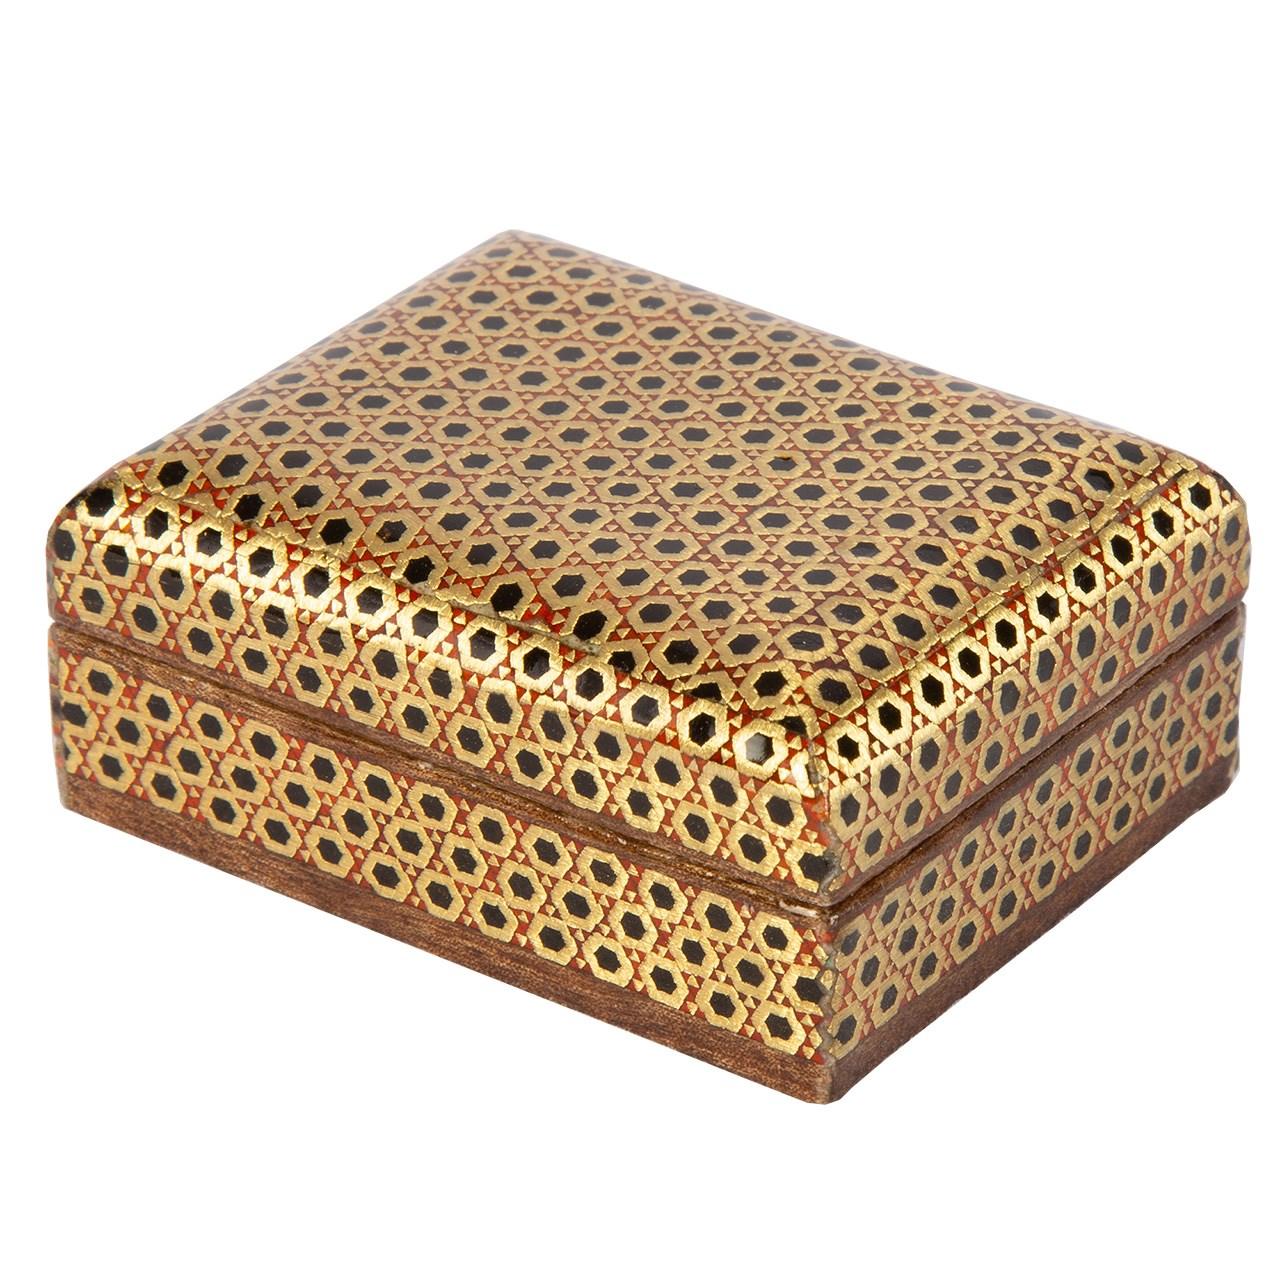 جعبه سکه خاتم کاری گالری گوهران مدل ناهید کد 1365